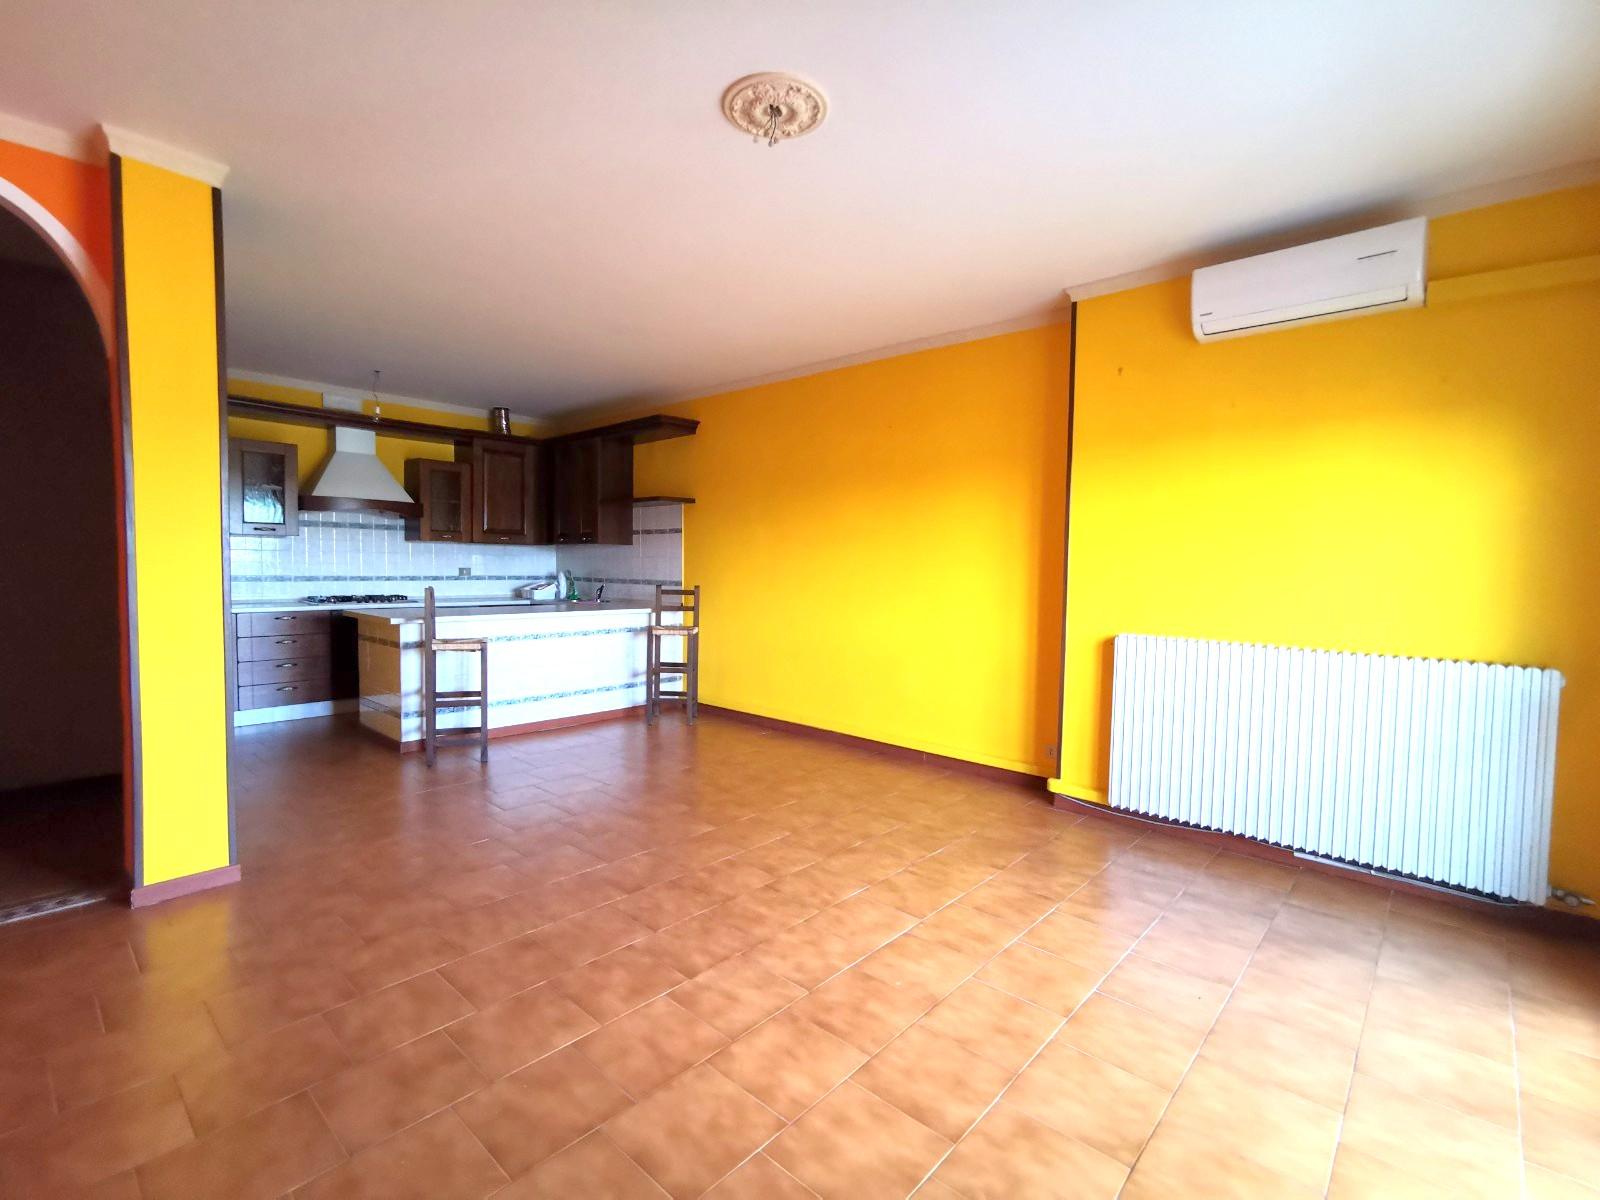 Appartamento in vendita a Campo San Martino, 4 locali, zona Zona: Marsango, prezzo € 99.000 | CambioCasa.it